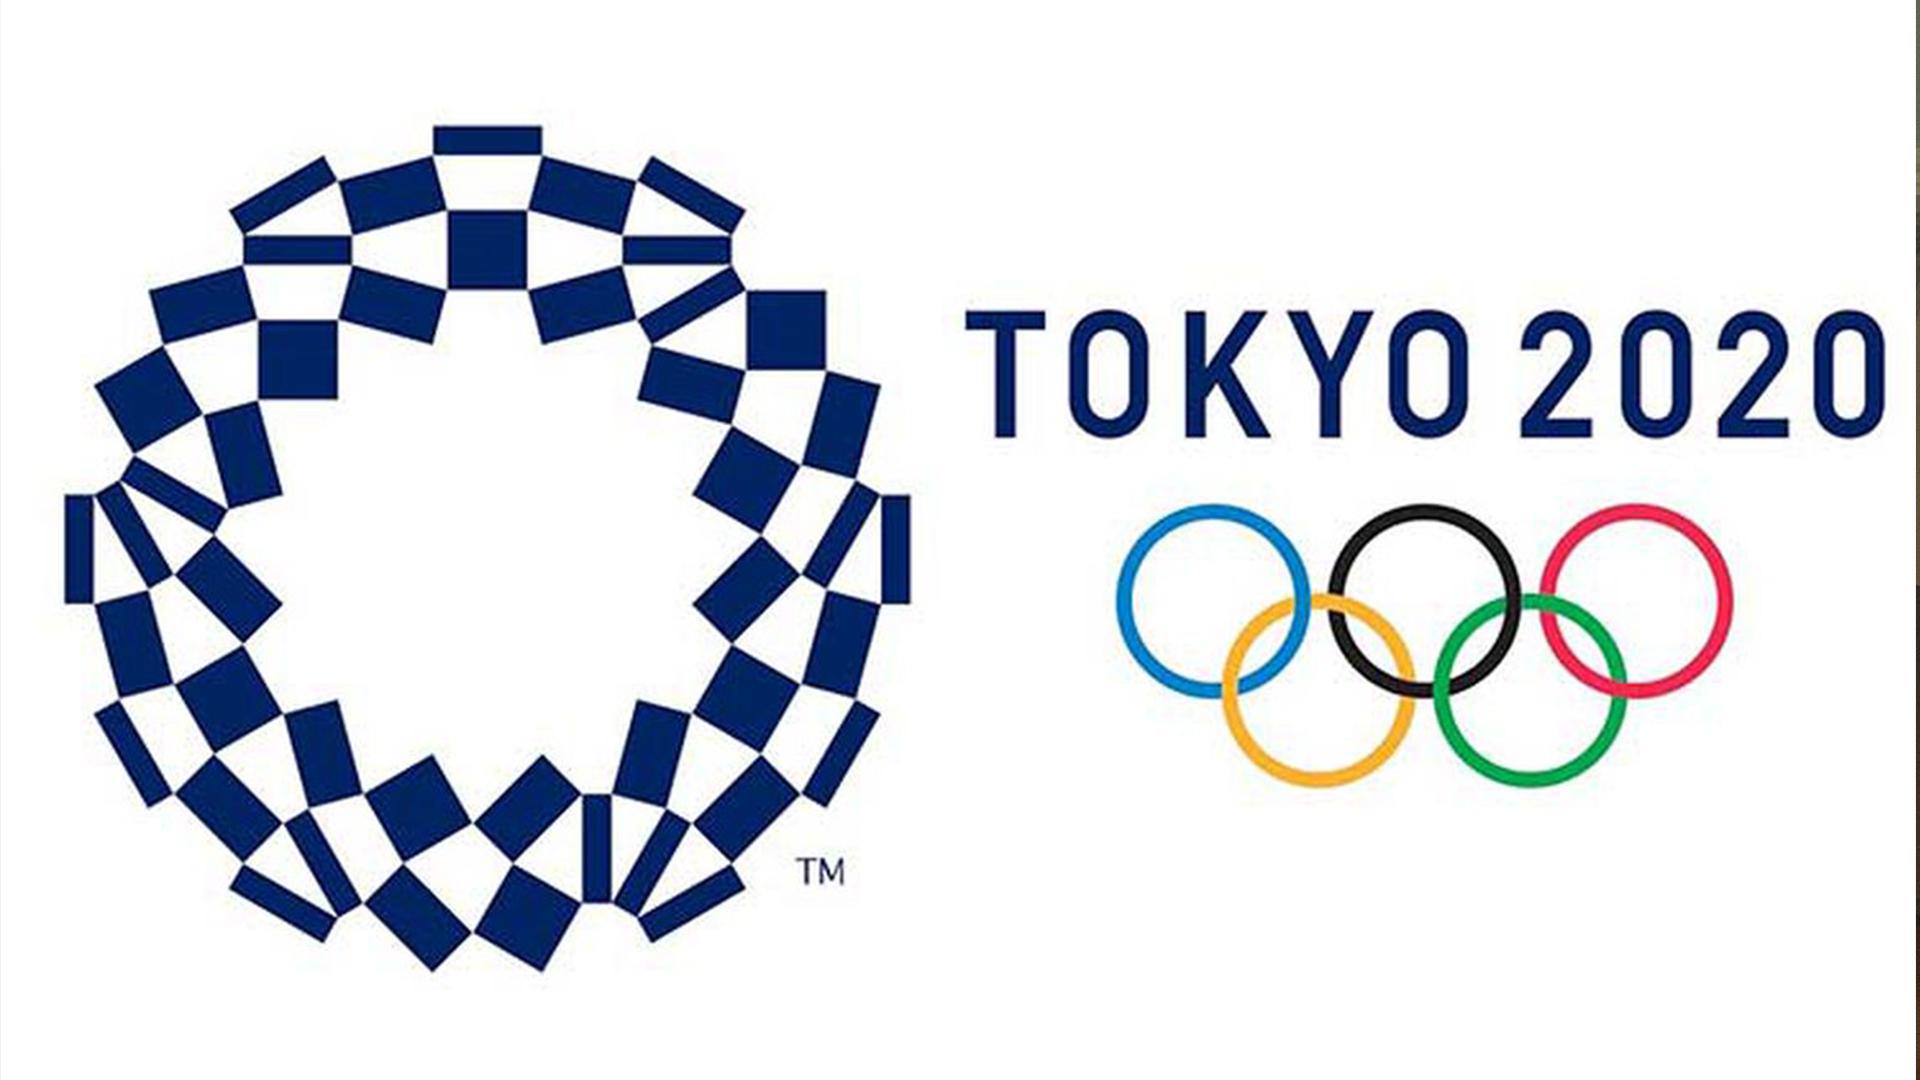 Olimpiadas tóquio 2020